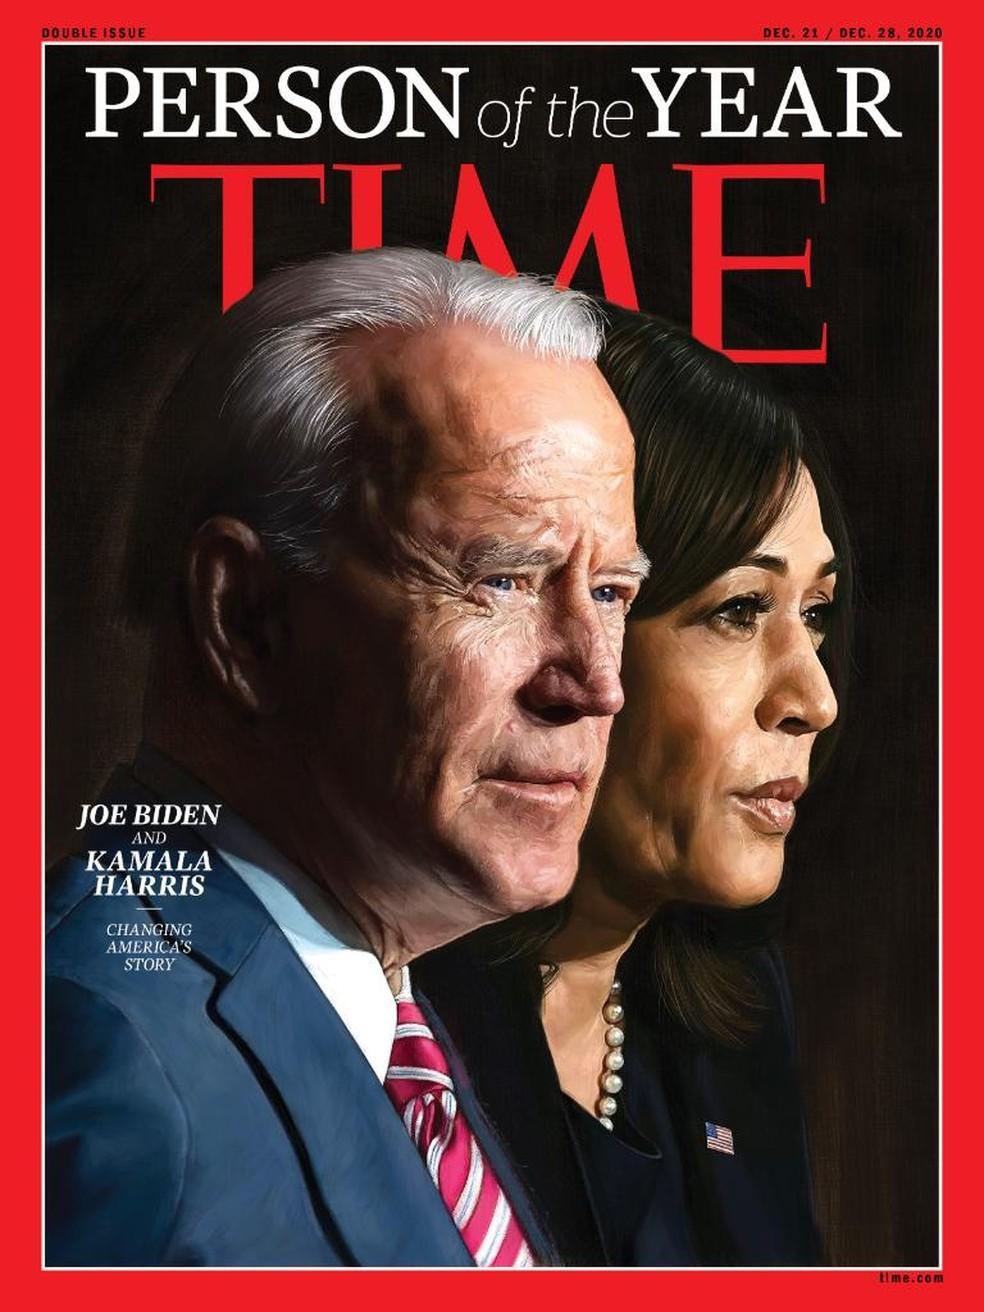 Joe Biden e Kamala Harris são as Personalidades do Ano, diz revista Time